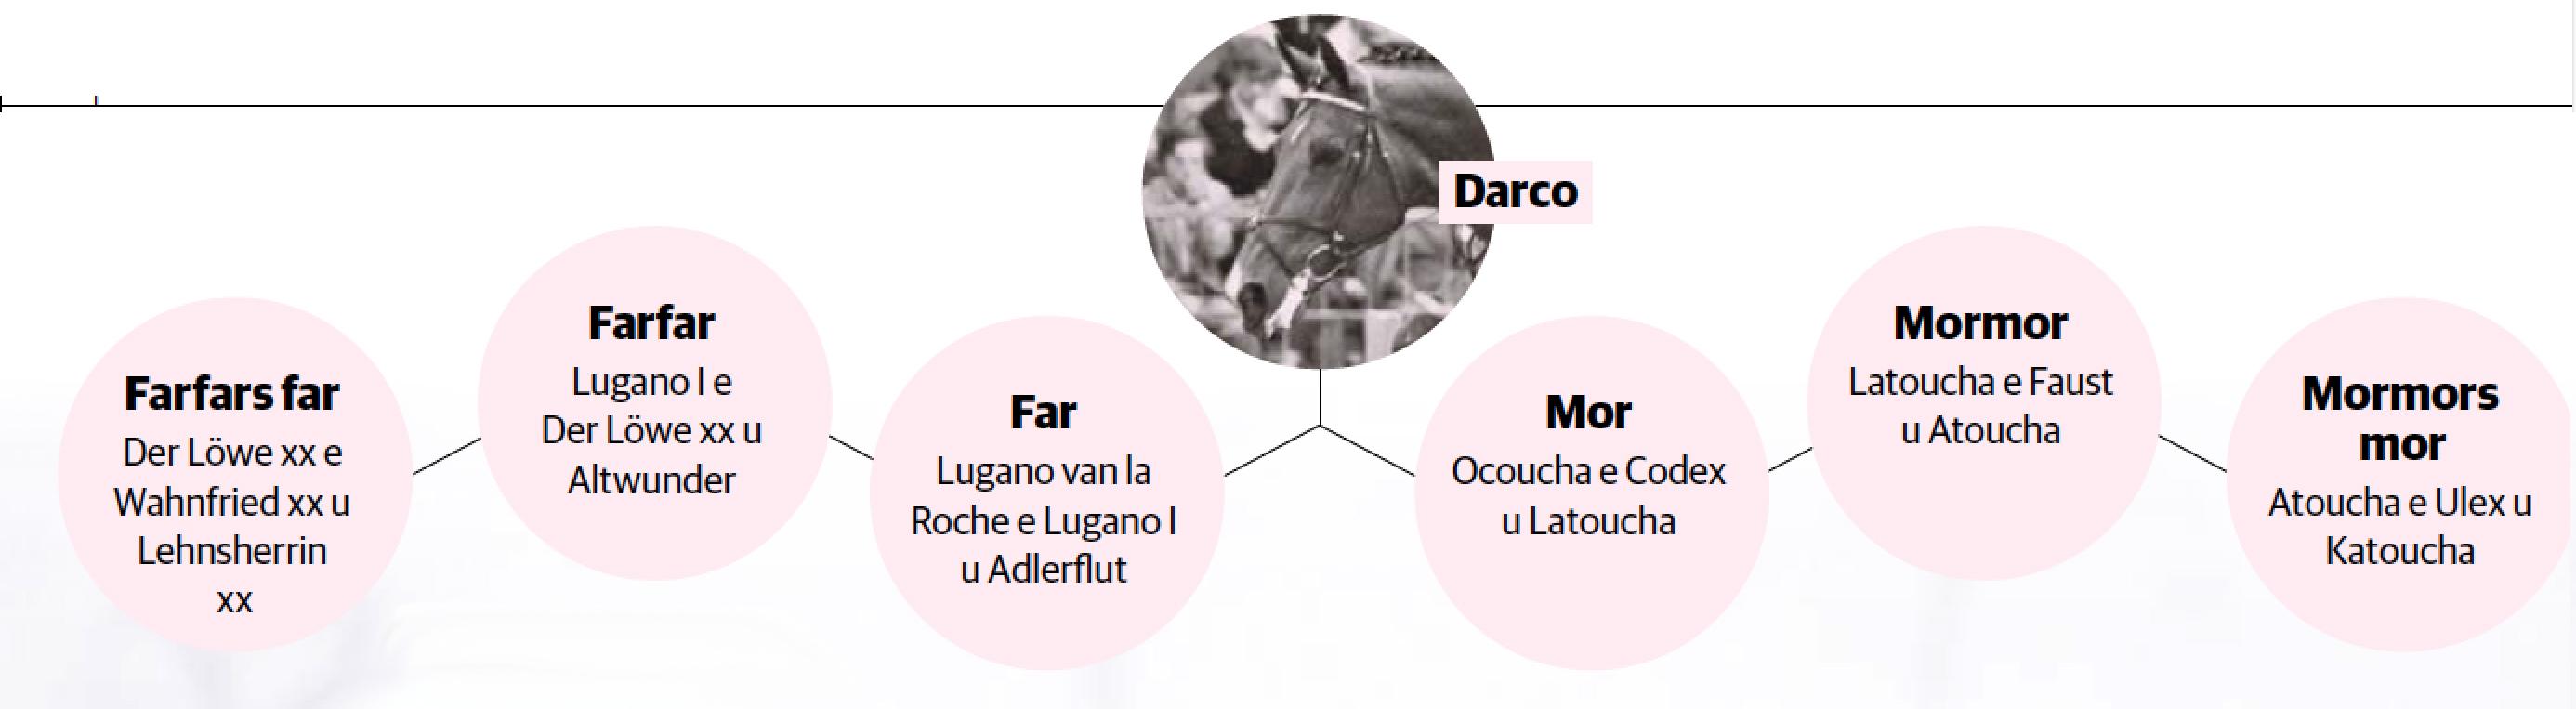 Darcostam4